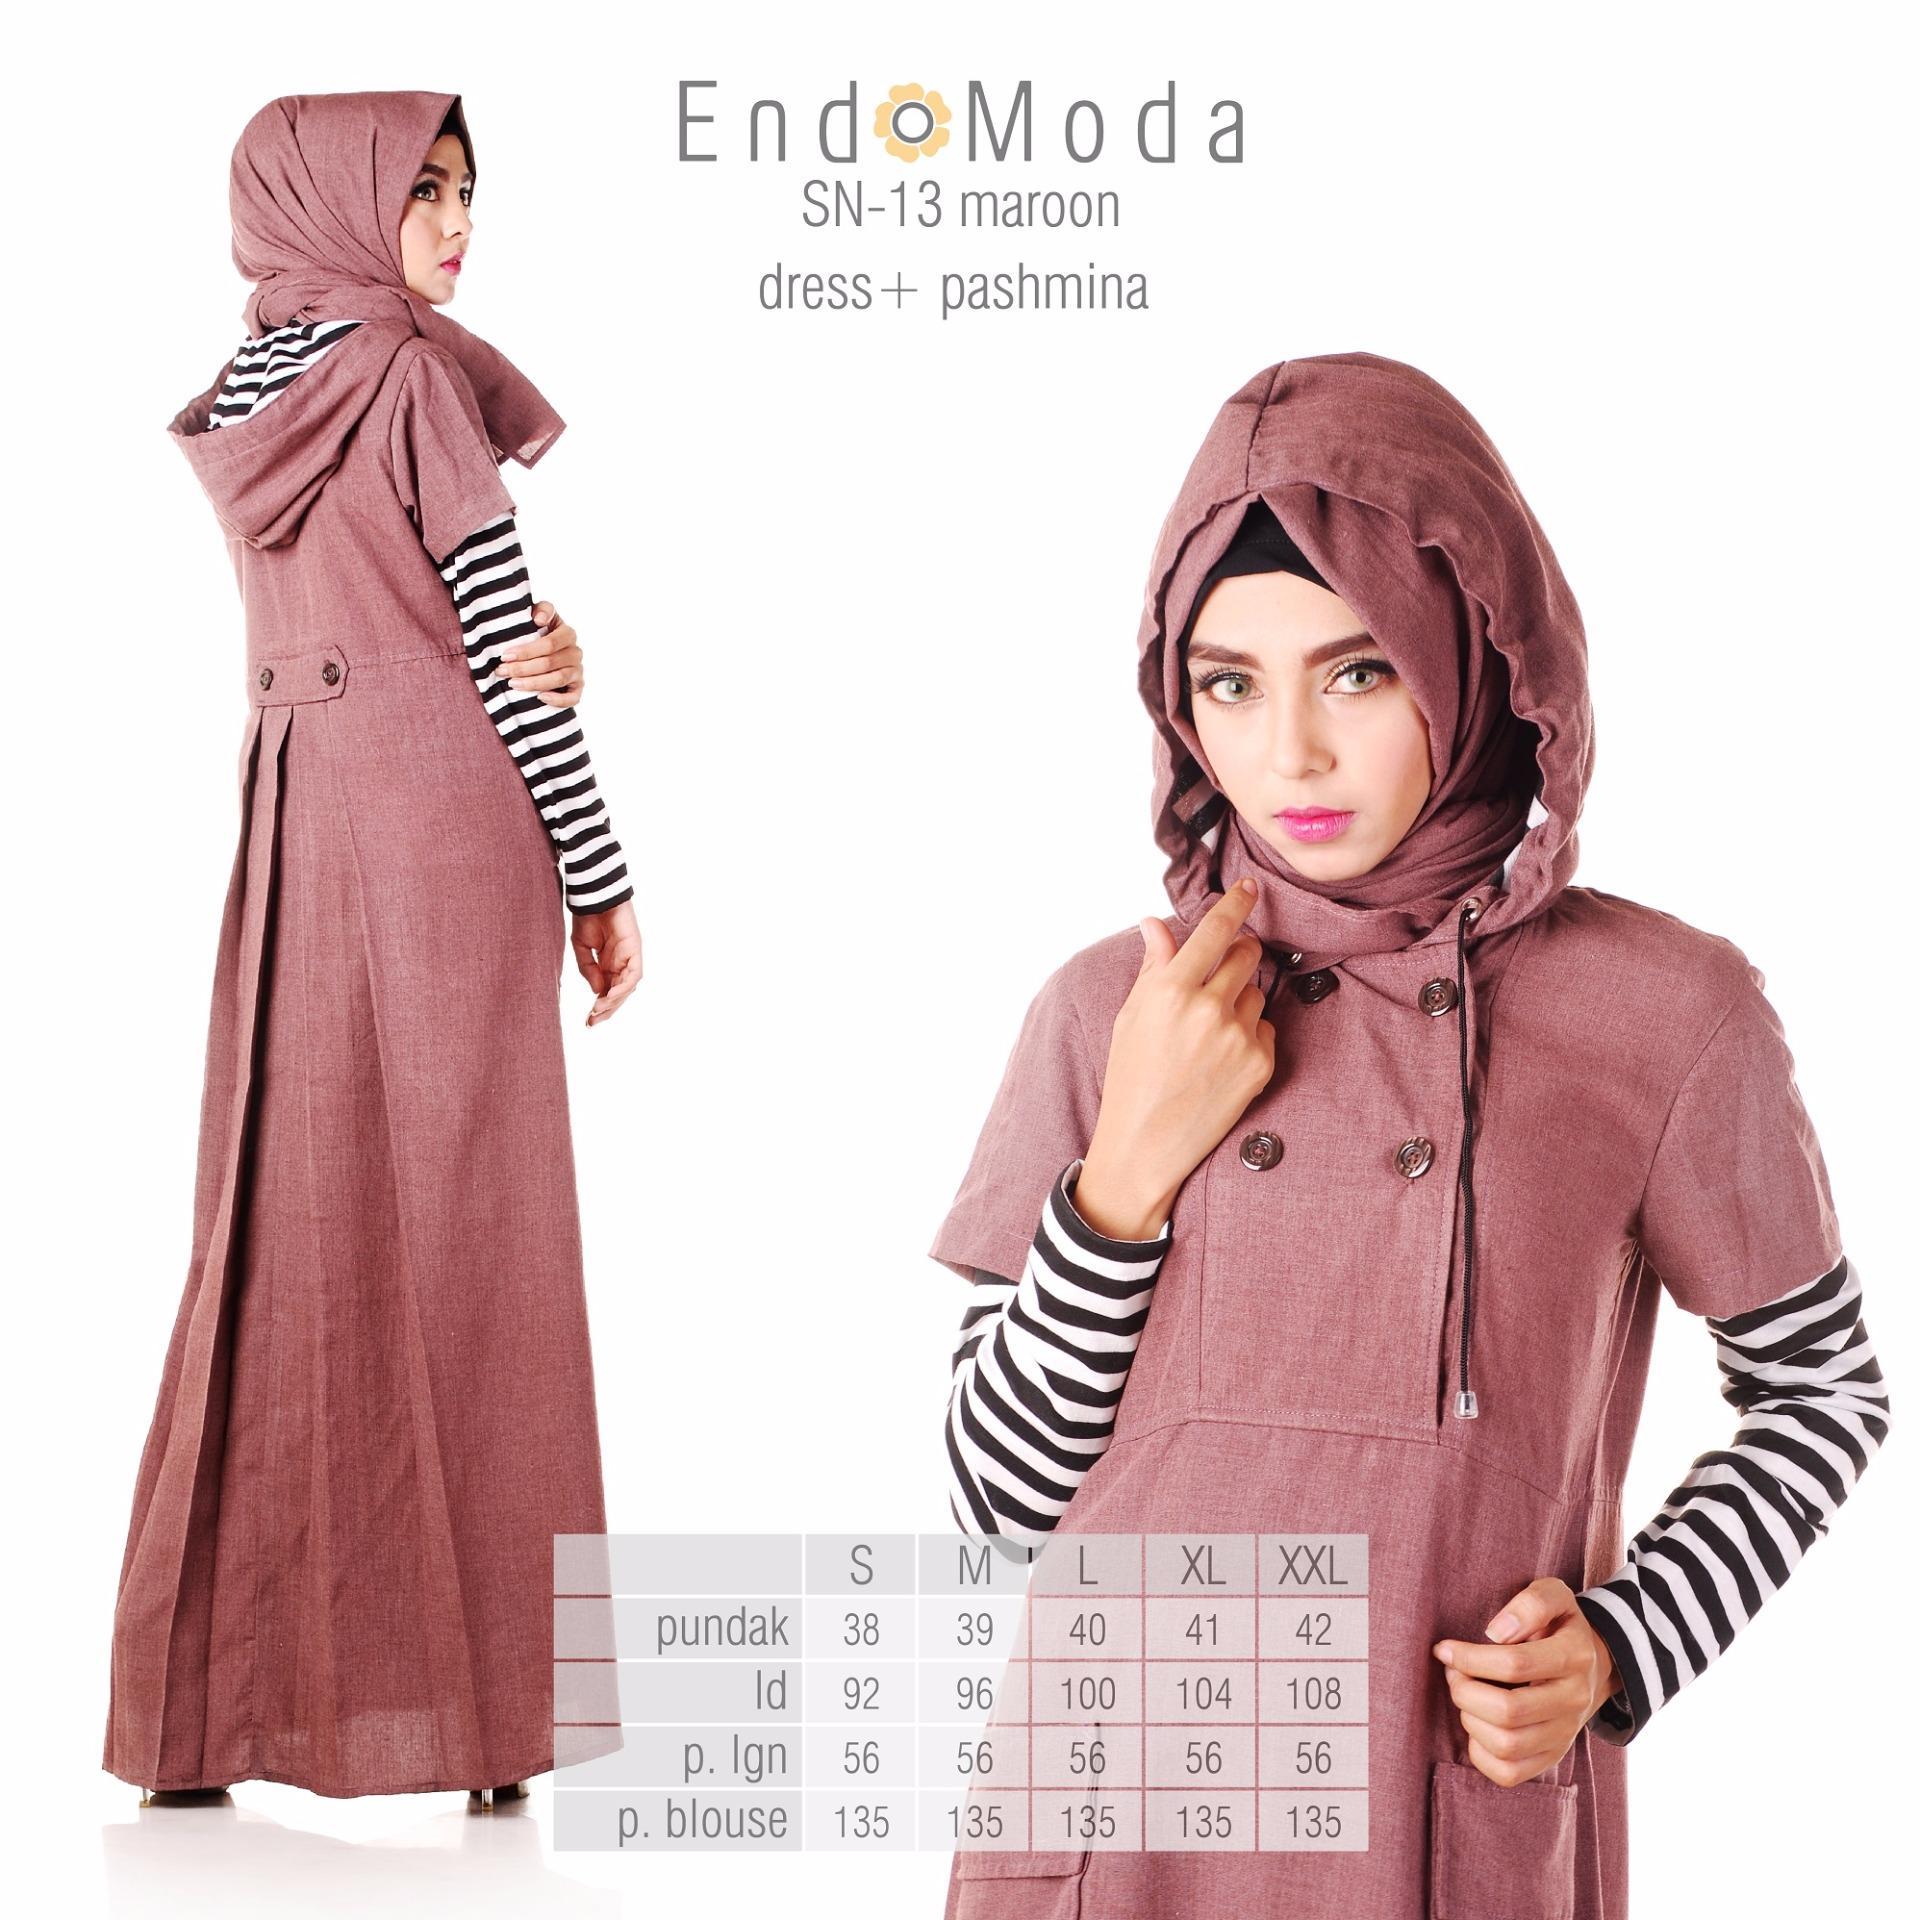 Jual Baju Original Endo Moda Sn 13 Dress Wanita Baju Muslim Modern Gamis Katun Supernova Premium Warna Maroon Baju Original Branded